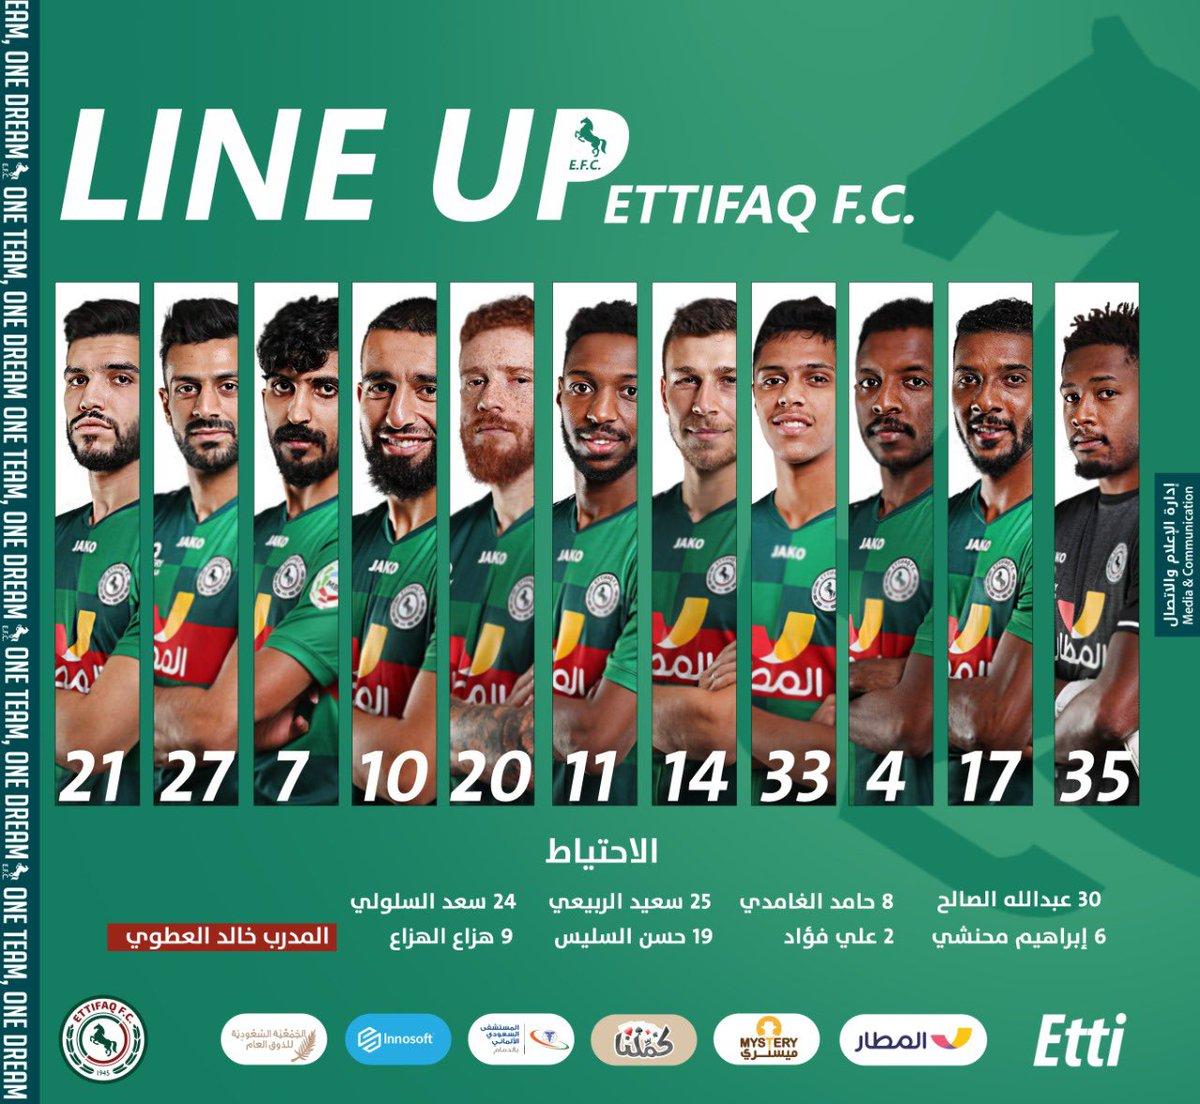 📝 إليكم التشكيل الرسمي لفريقي #الرائد و #الإتفاق في الجولة الـ 14 من #الدوري_السعودي.